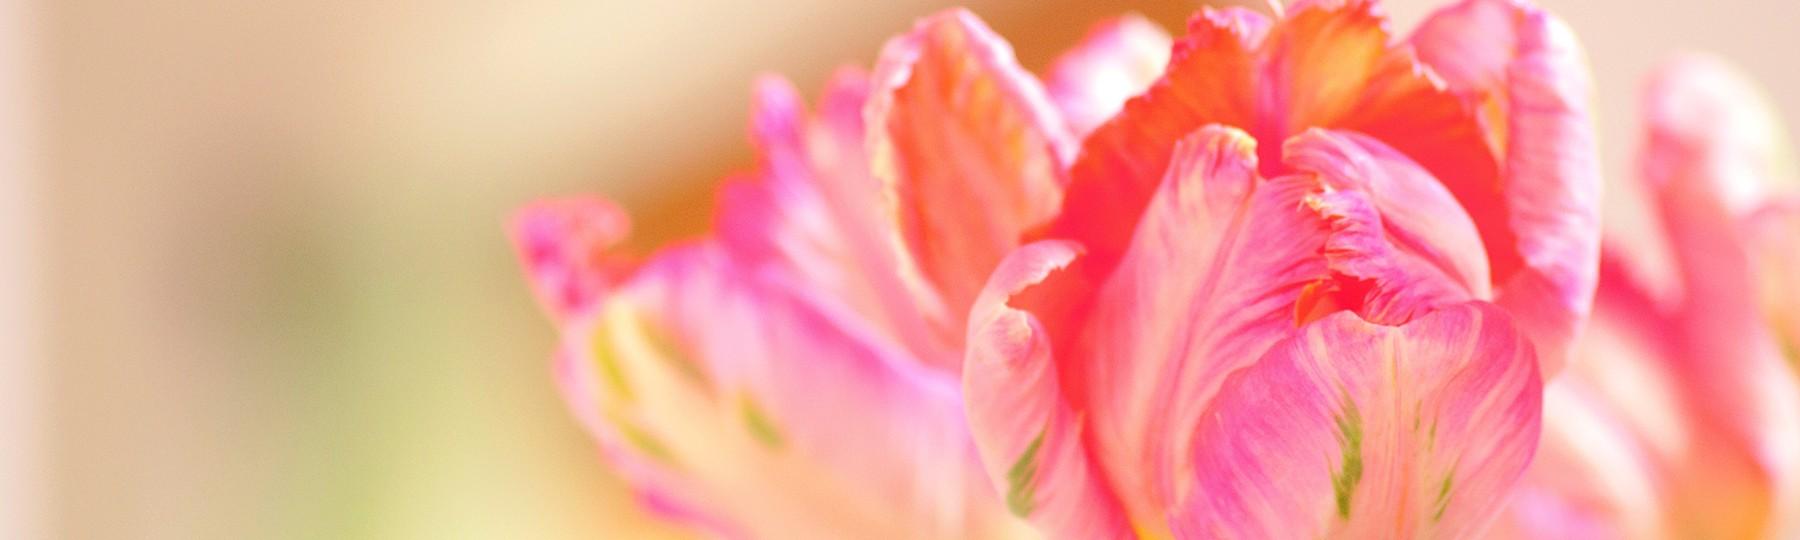 Blumen - Frauenarztpraxis Dr. Lyding